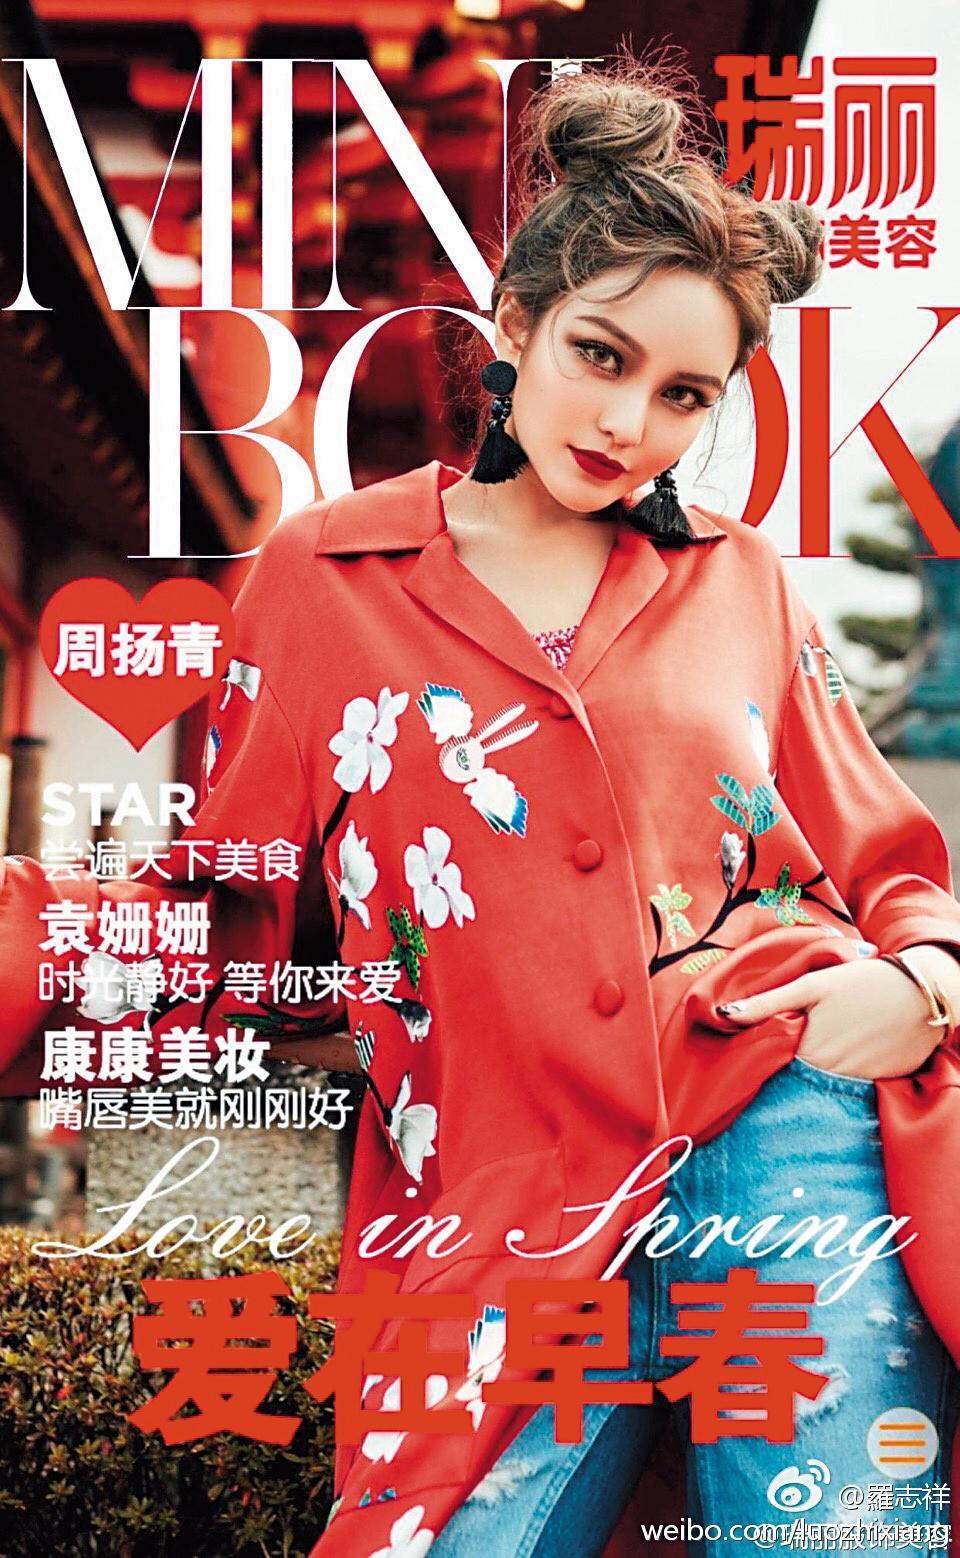 周揚青在網路上賣衣服賣出品味,還登上雜誌封面。(翻攝自羅志祥微博)